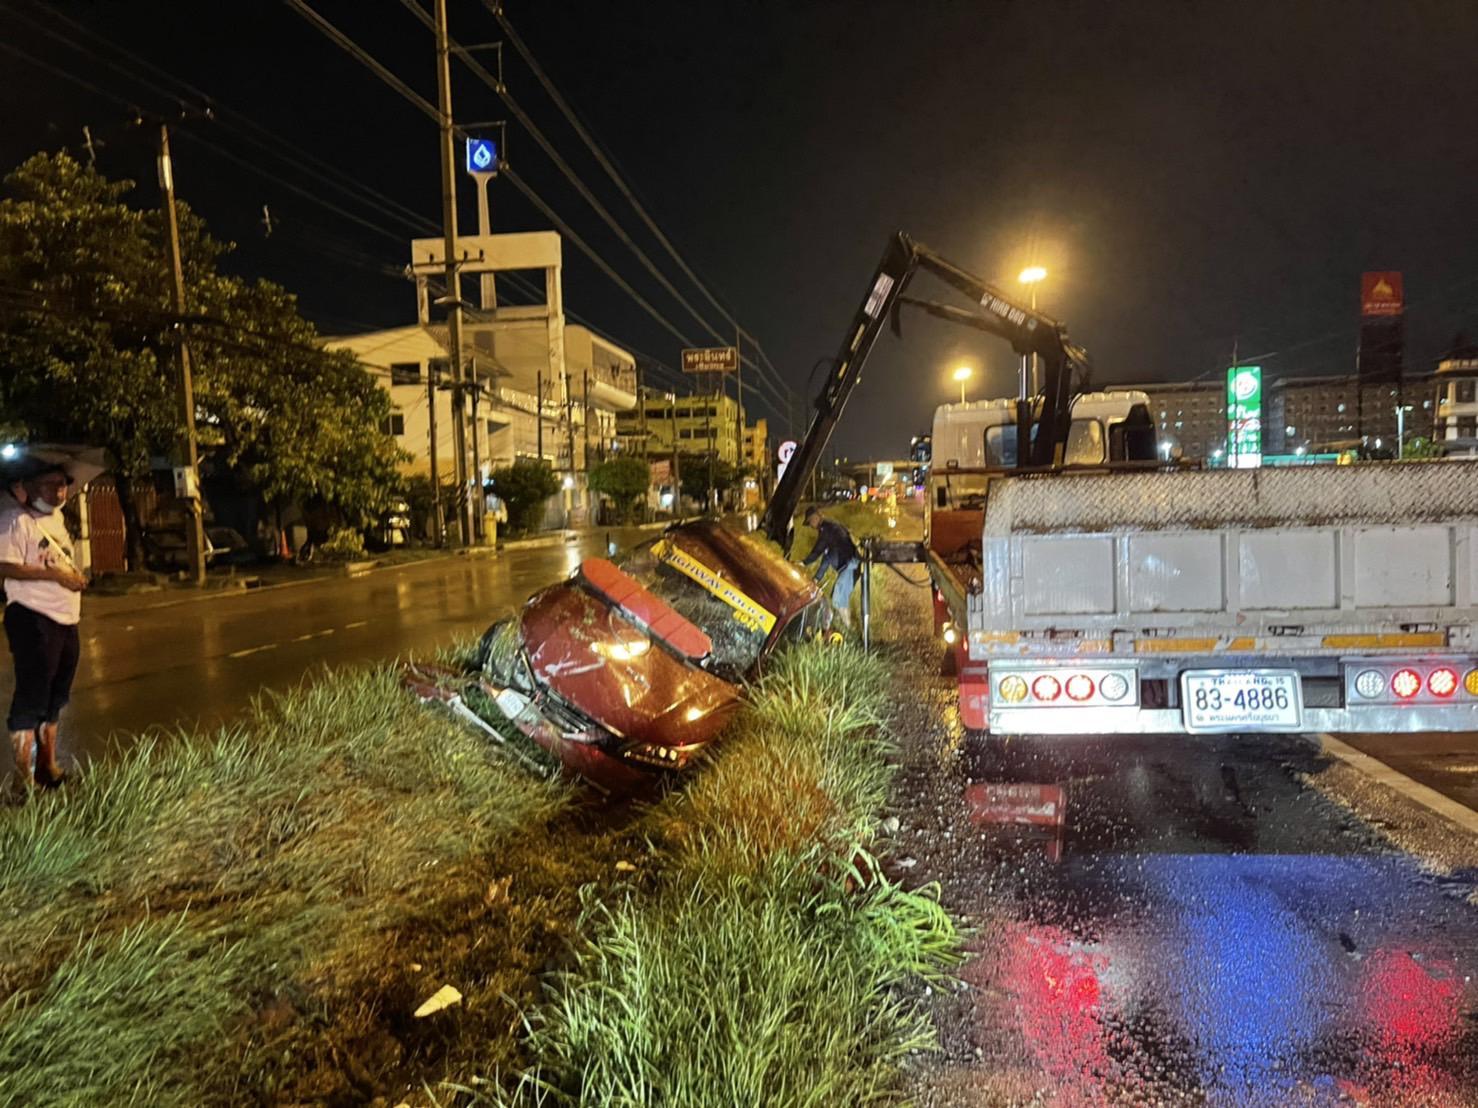 ล่าระทึก! โจรเมายา ตำรวจทางหลวงเสียท่าโดนชิงรถ คนร้ายใช้ขับหนี แฝงตัว ก่อนตามรวบได้